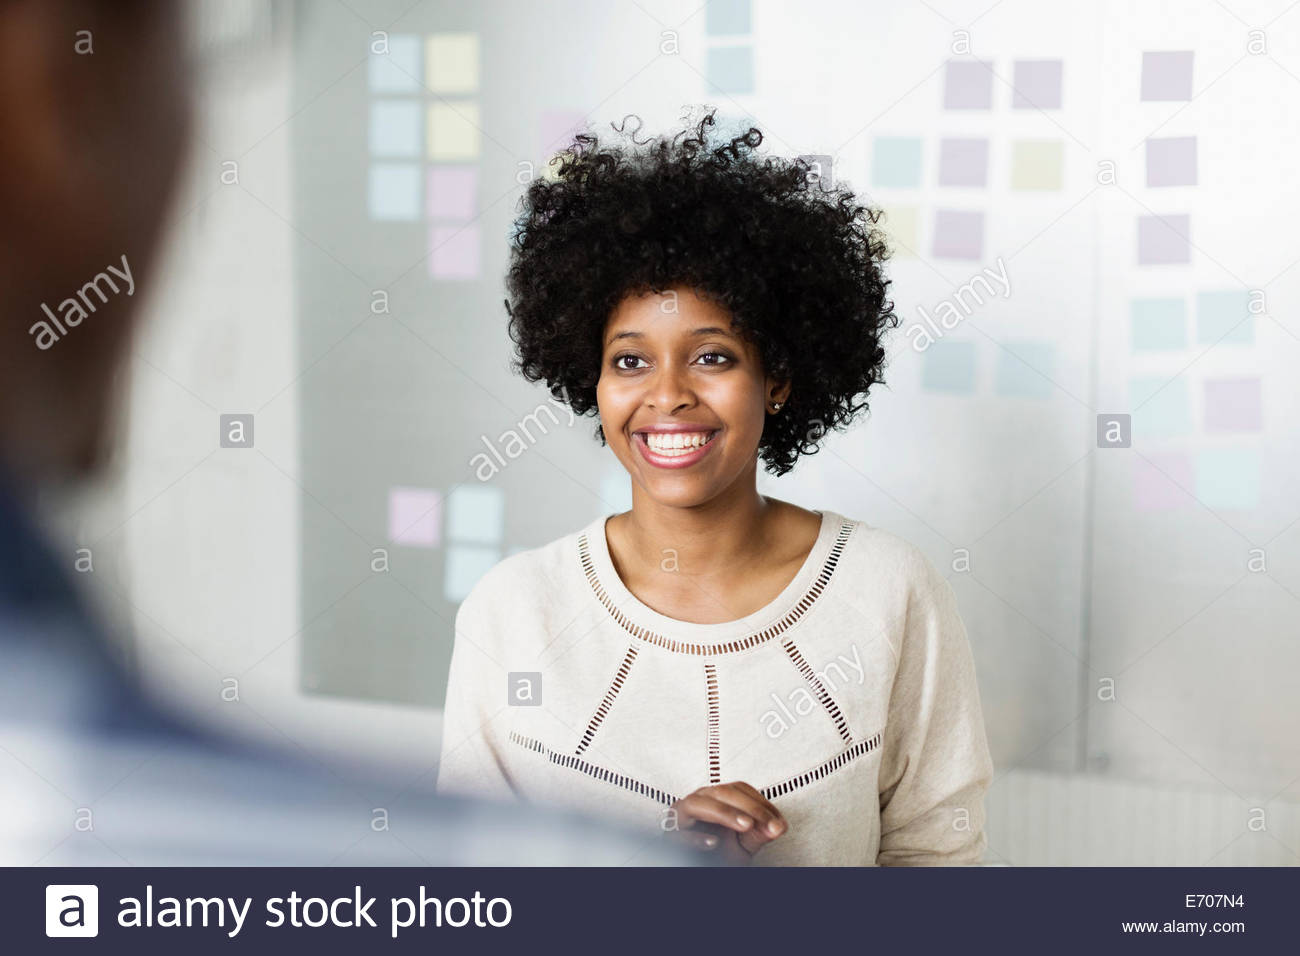 Retrato de mujer joven sonriente Foto de stock